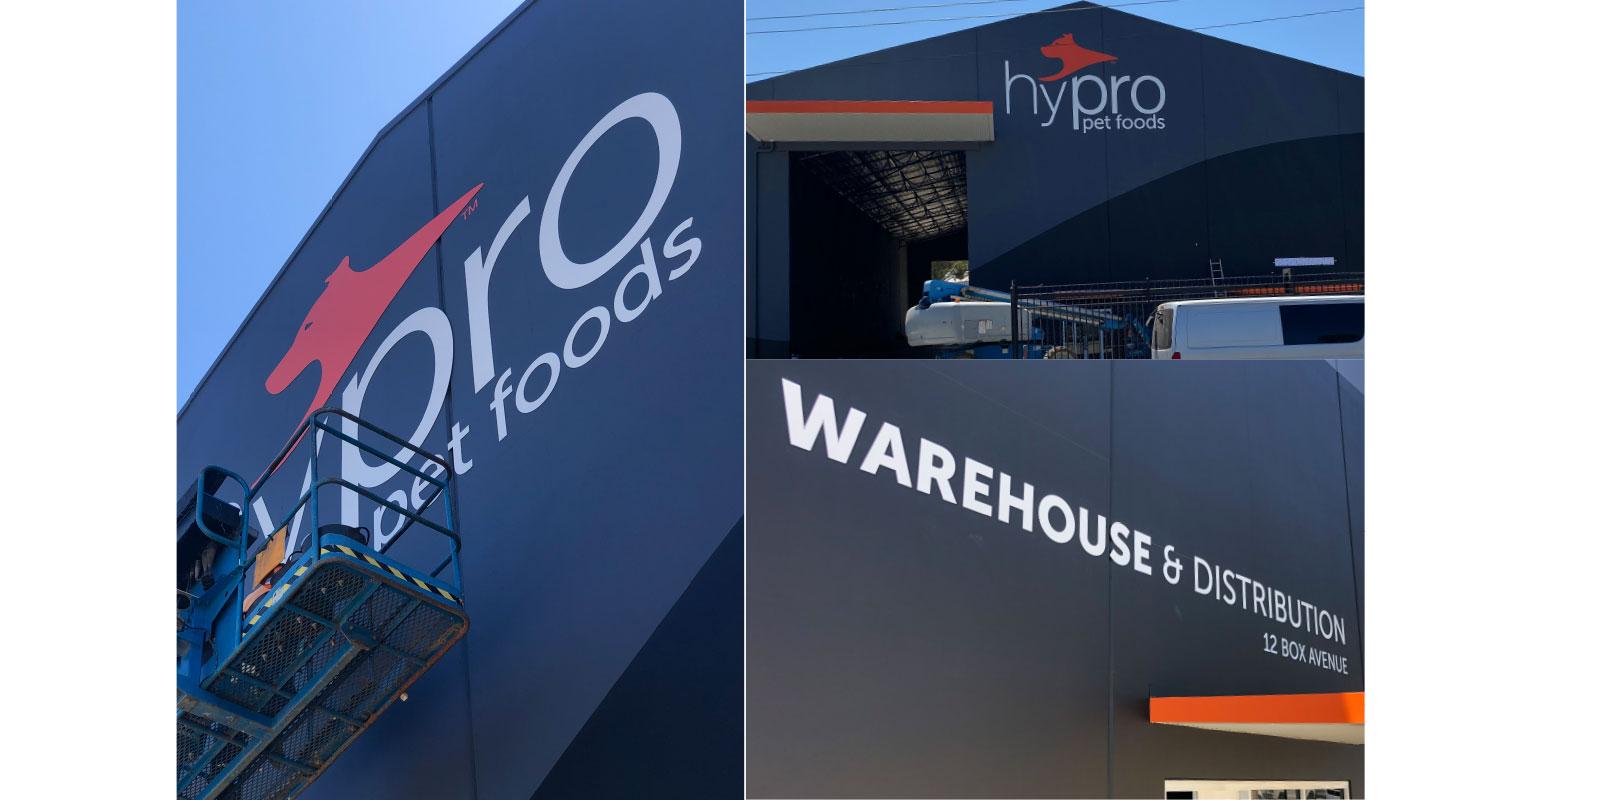 hypro signage